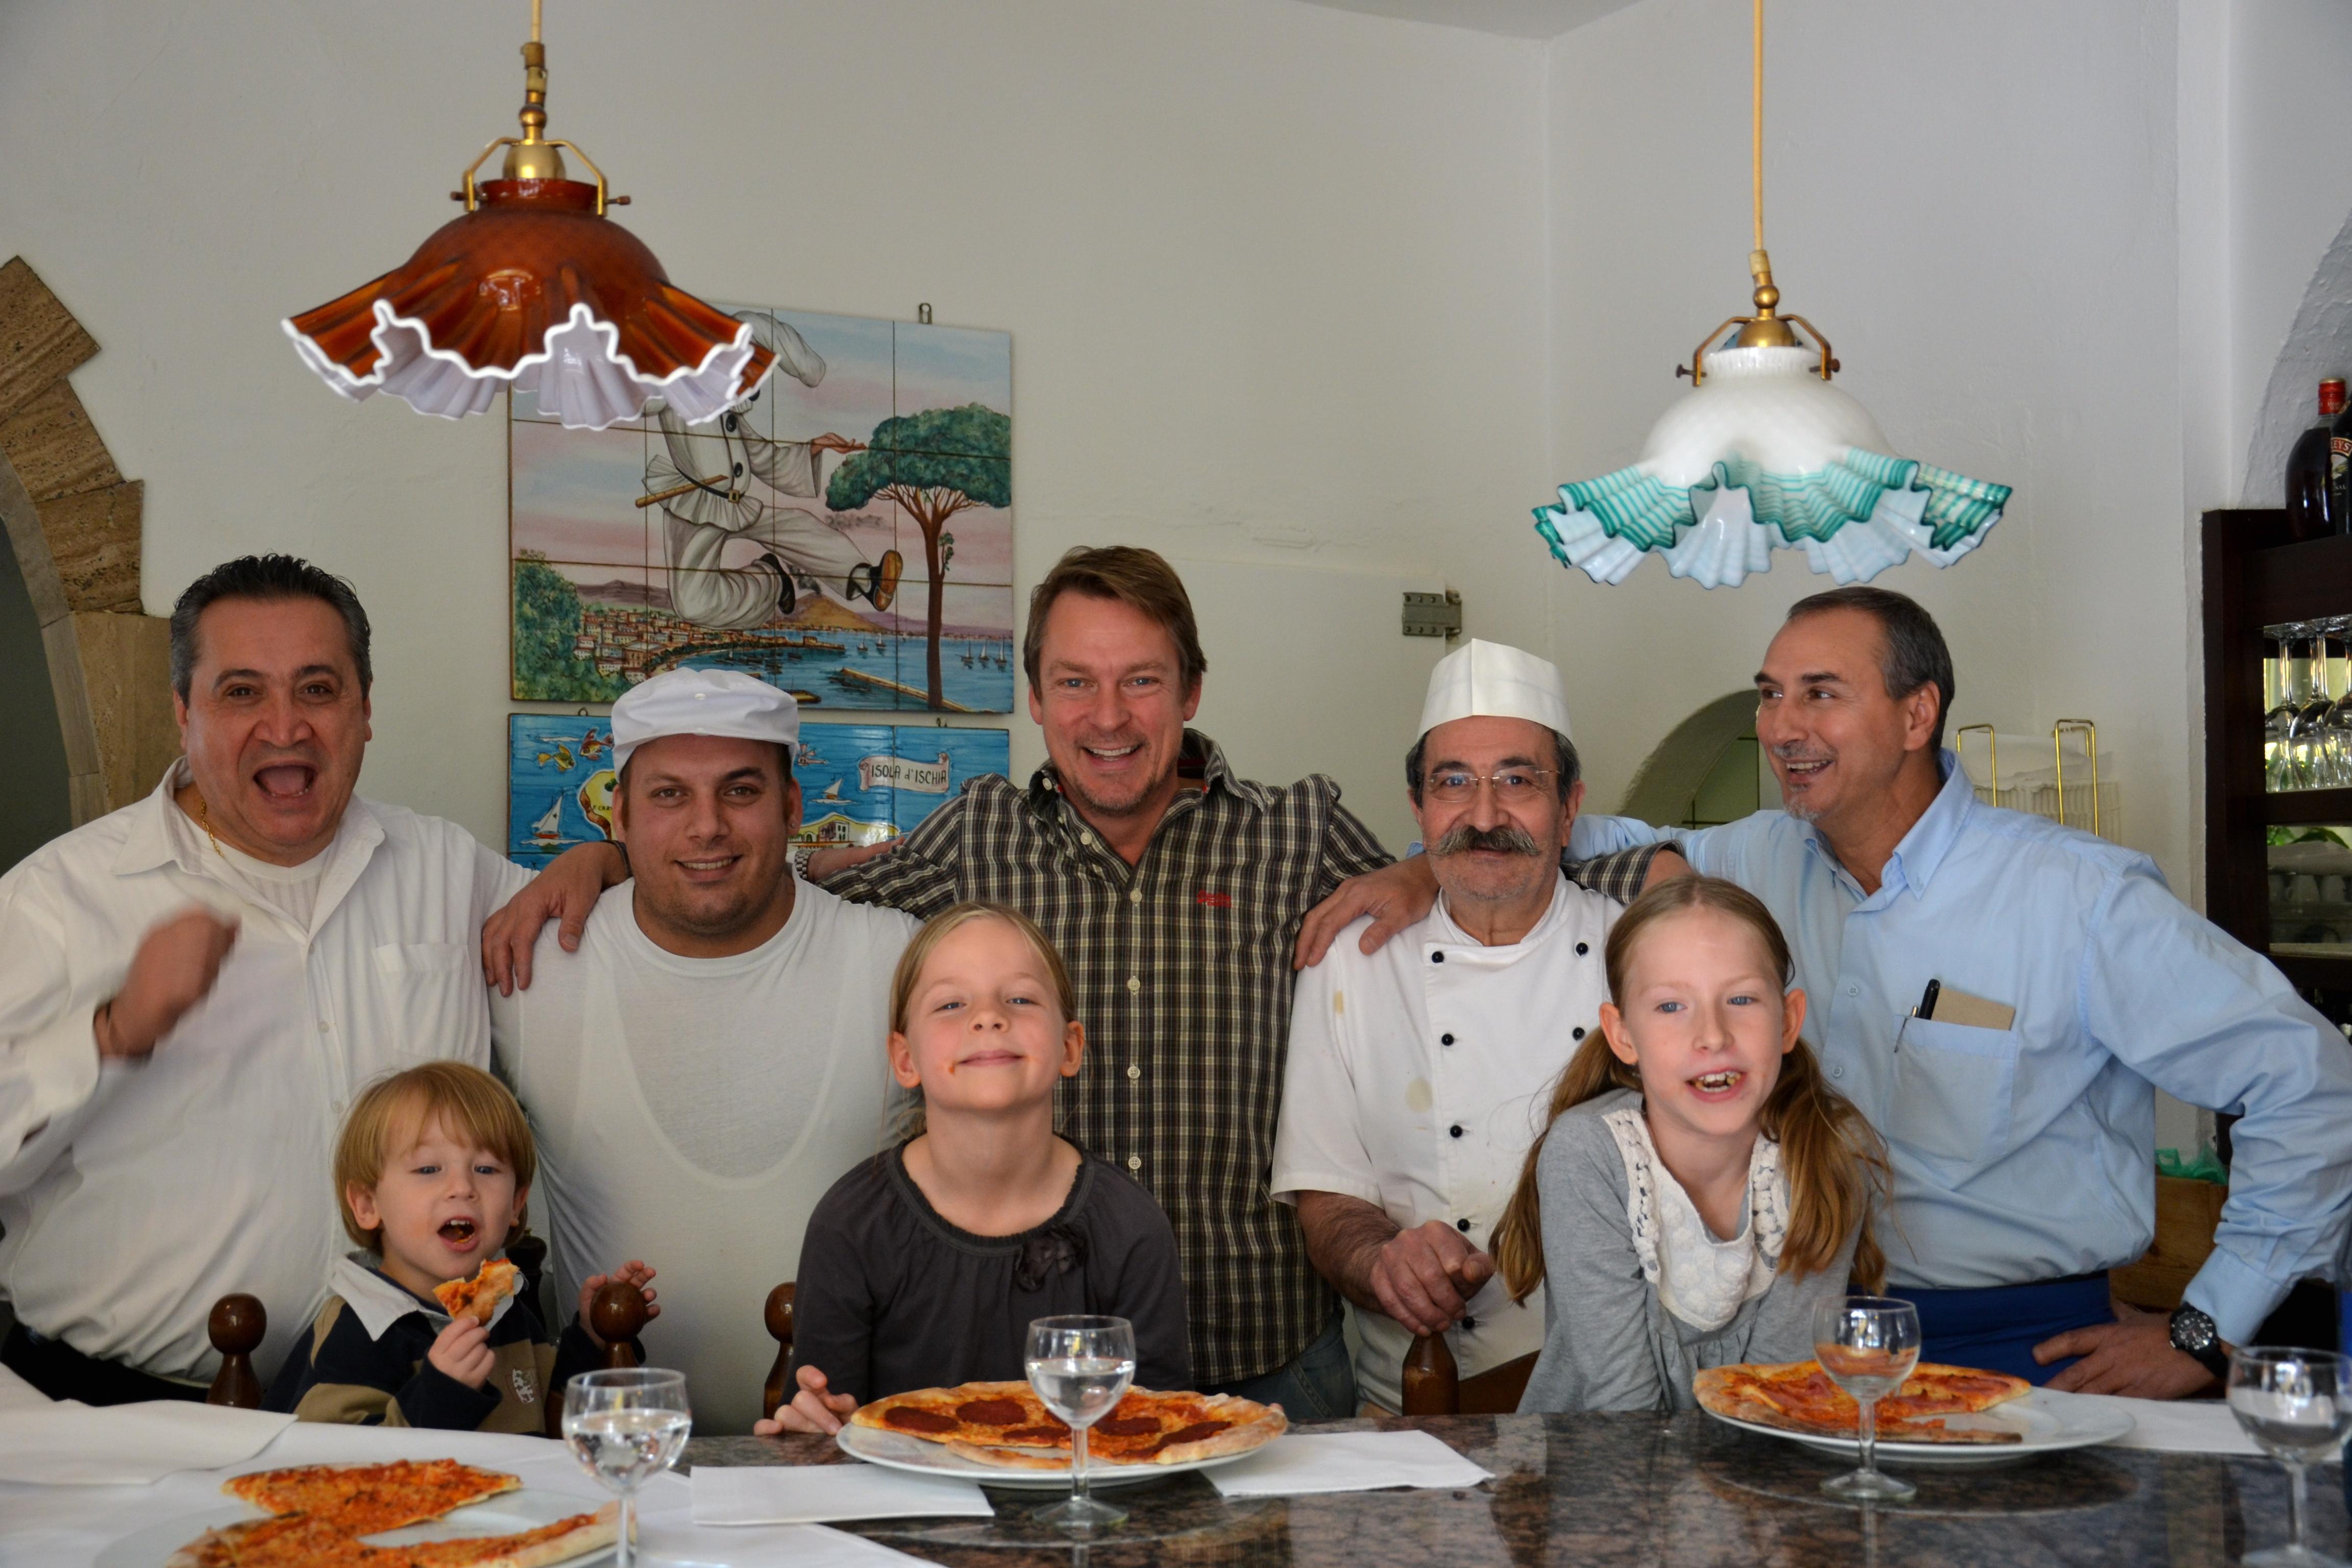 Kinderpizza - Michael König mit seinen Kindern und dem Restaurantteam